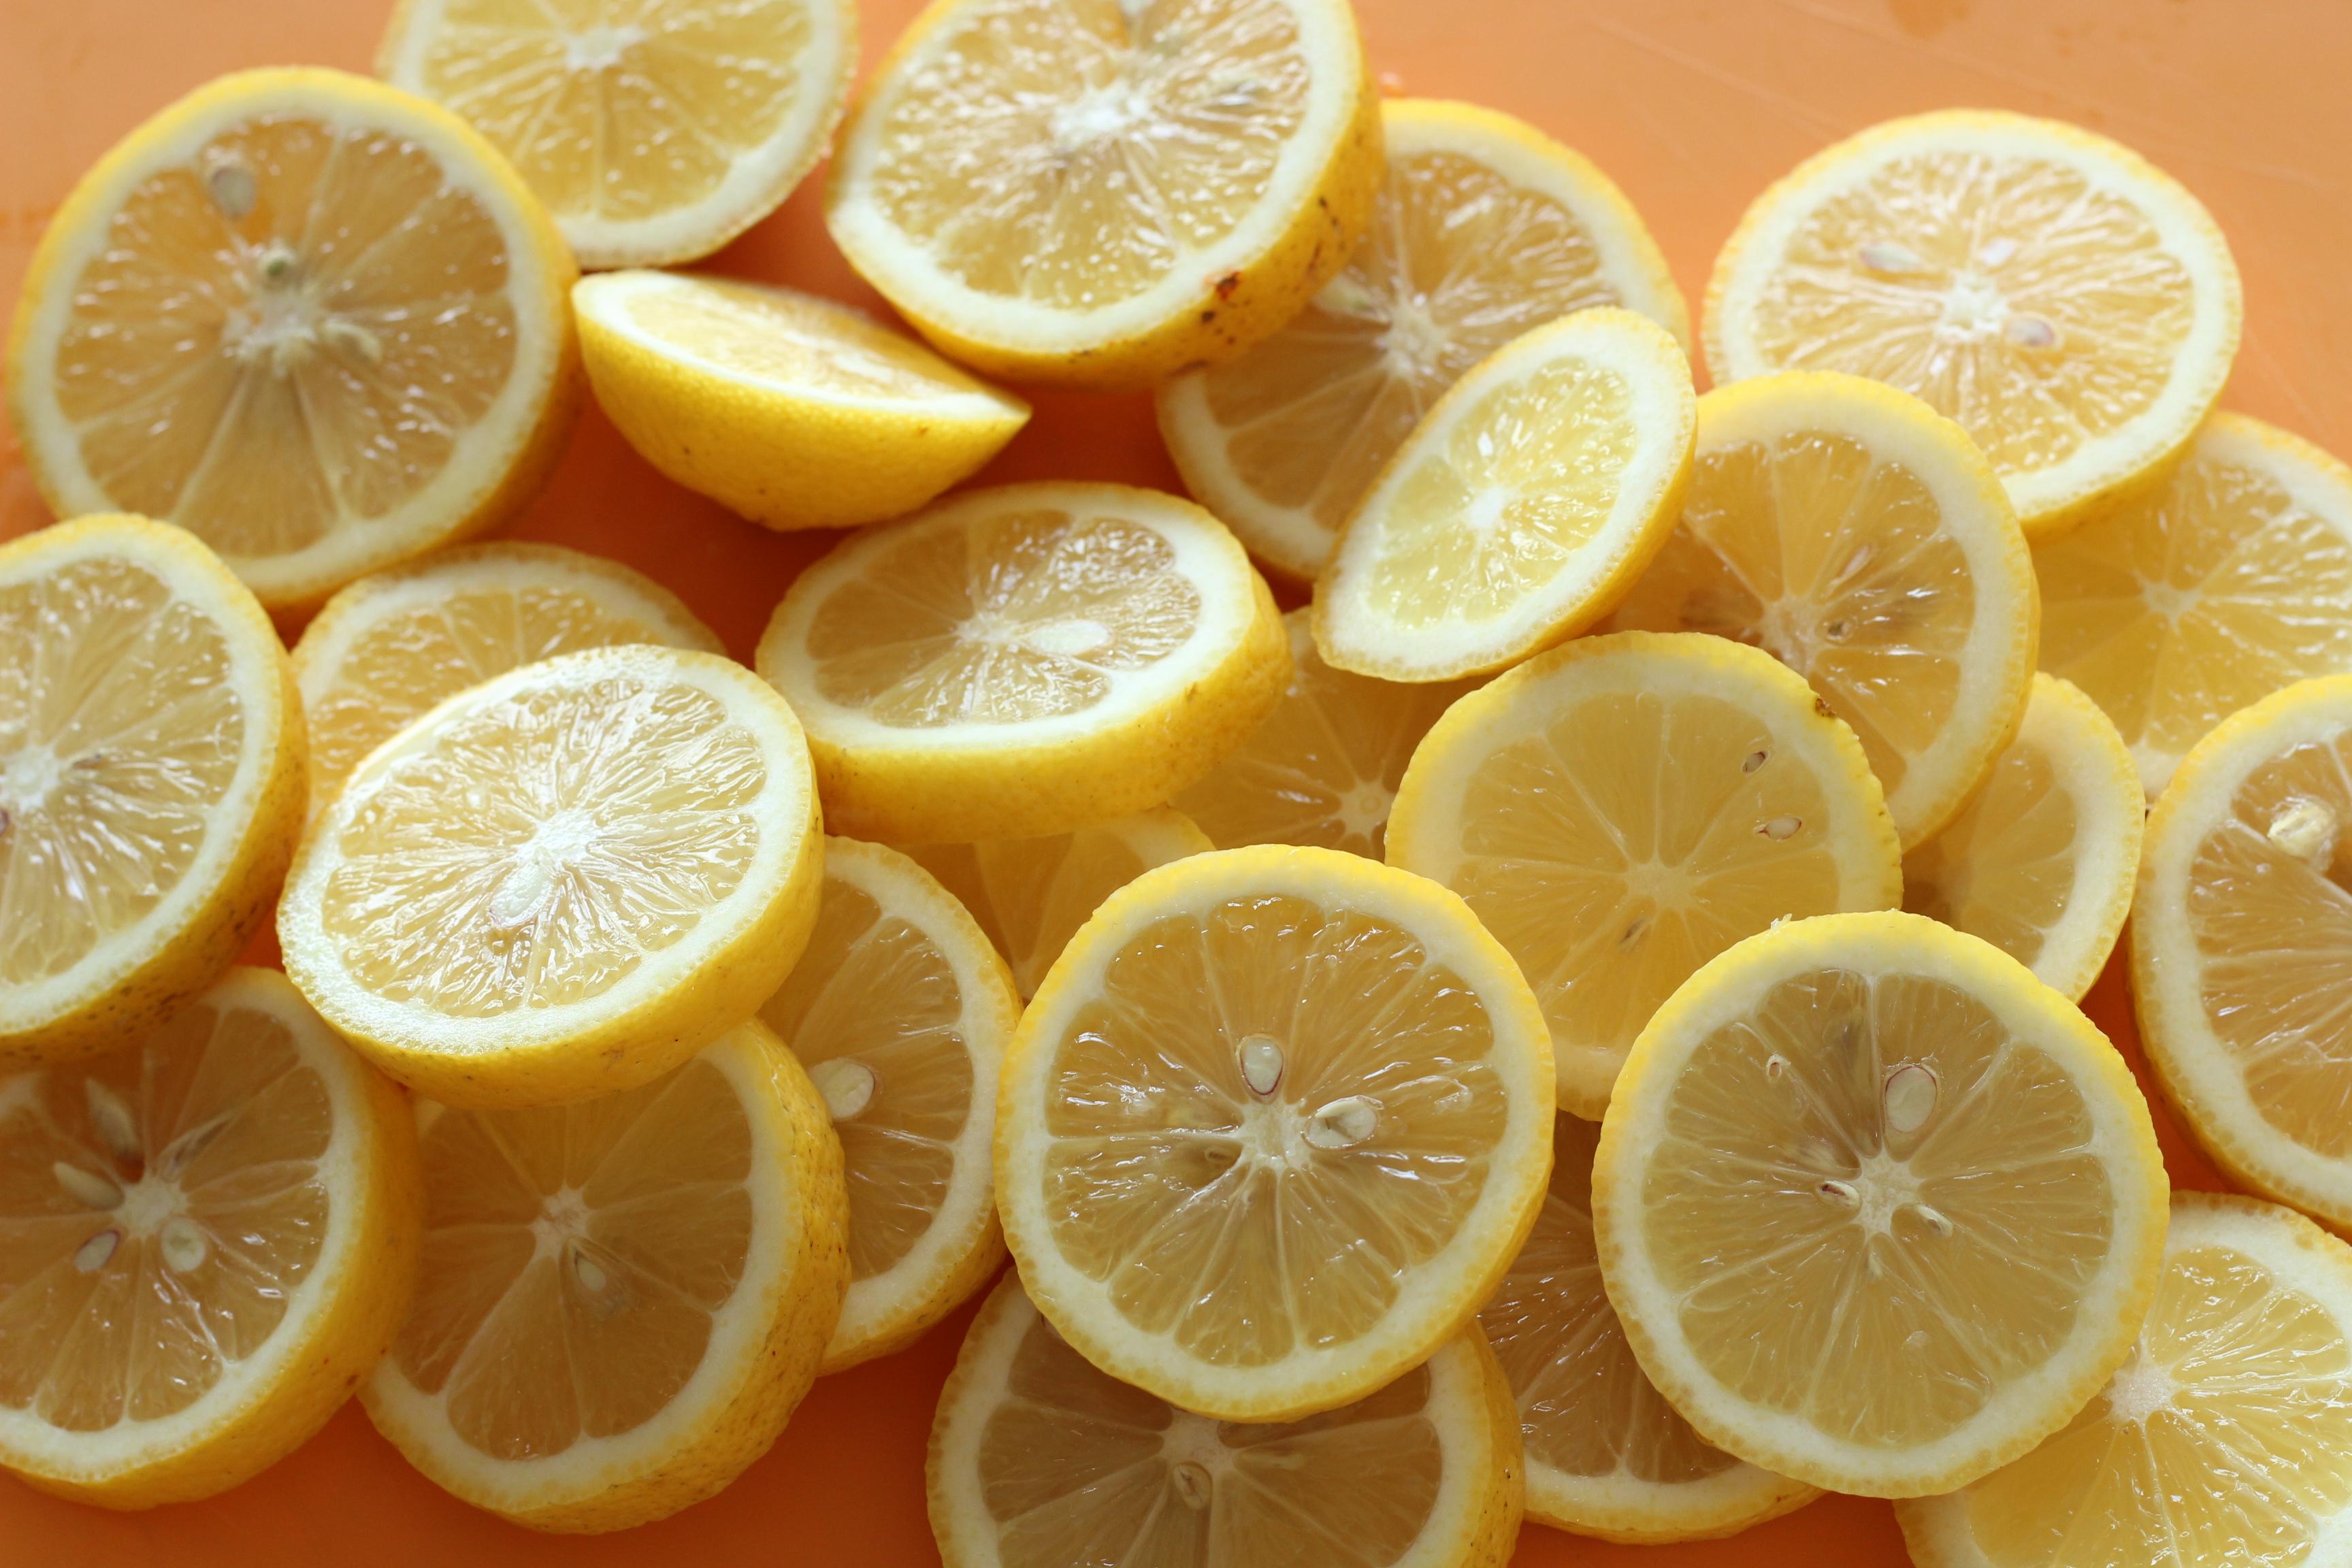 阿倍野区西田辺、a-ta-sante糖質制限パン料理教室。京都江部粉糖質制限パンベーシックコースにお越しの生徒さんに頂いた無農薬レモンで、塩レモン作り。